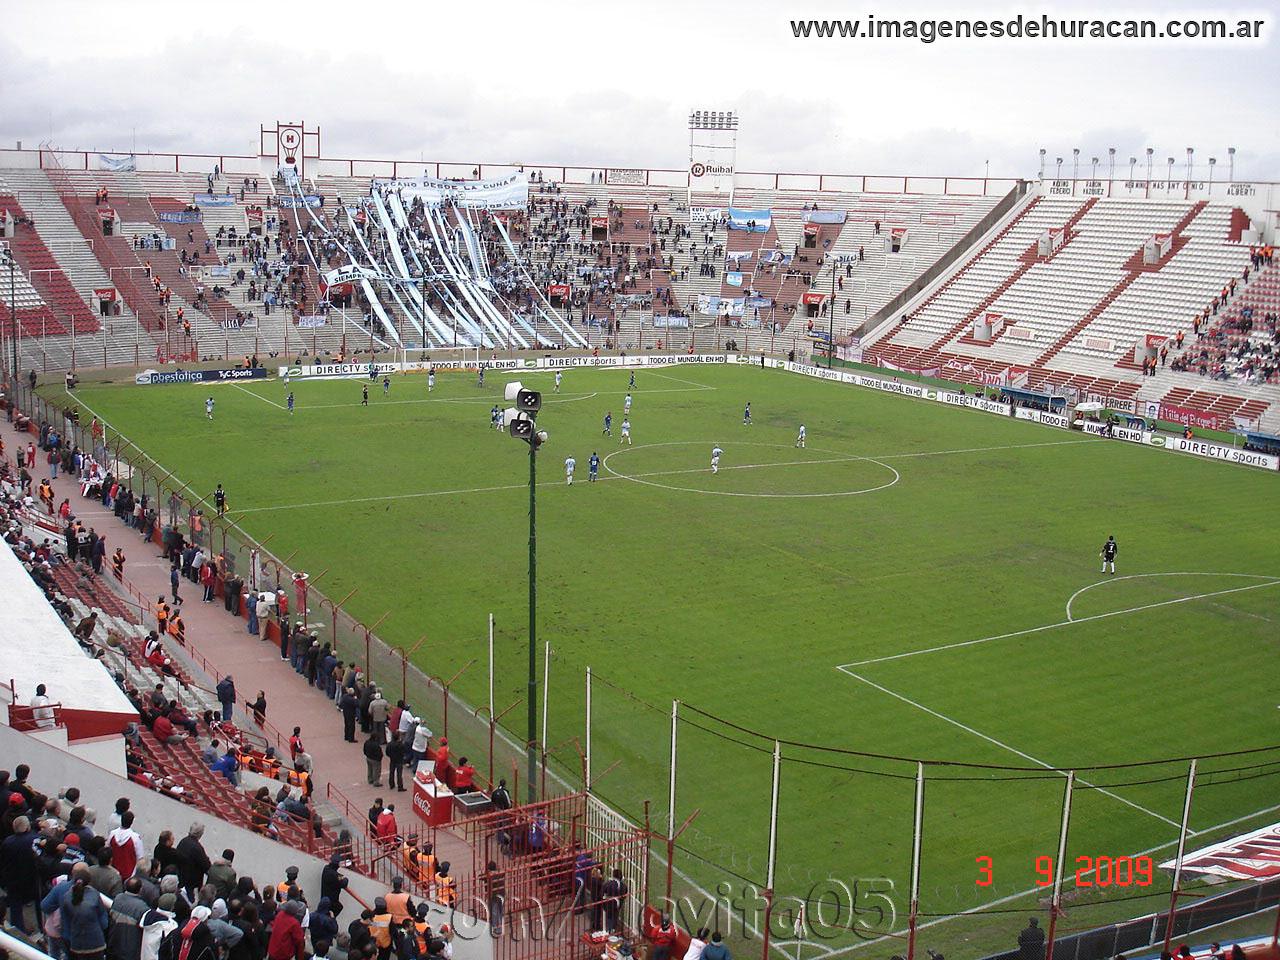 Huracán vs atlético tucumán fecha 03 apertura 2009